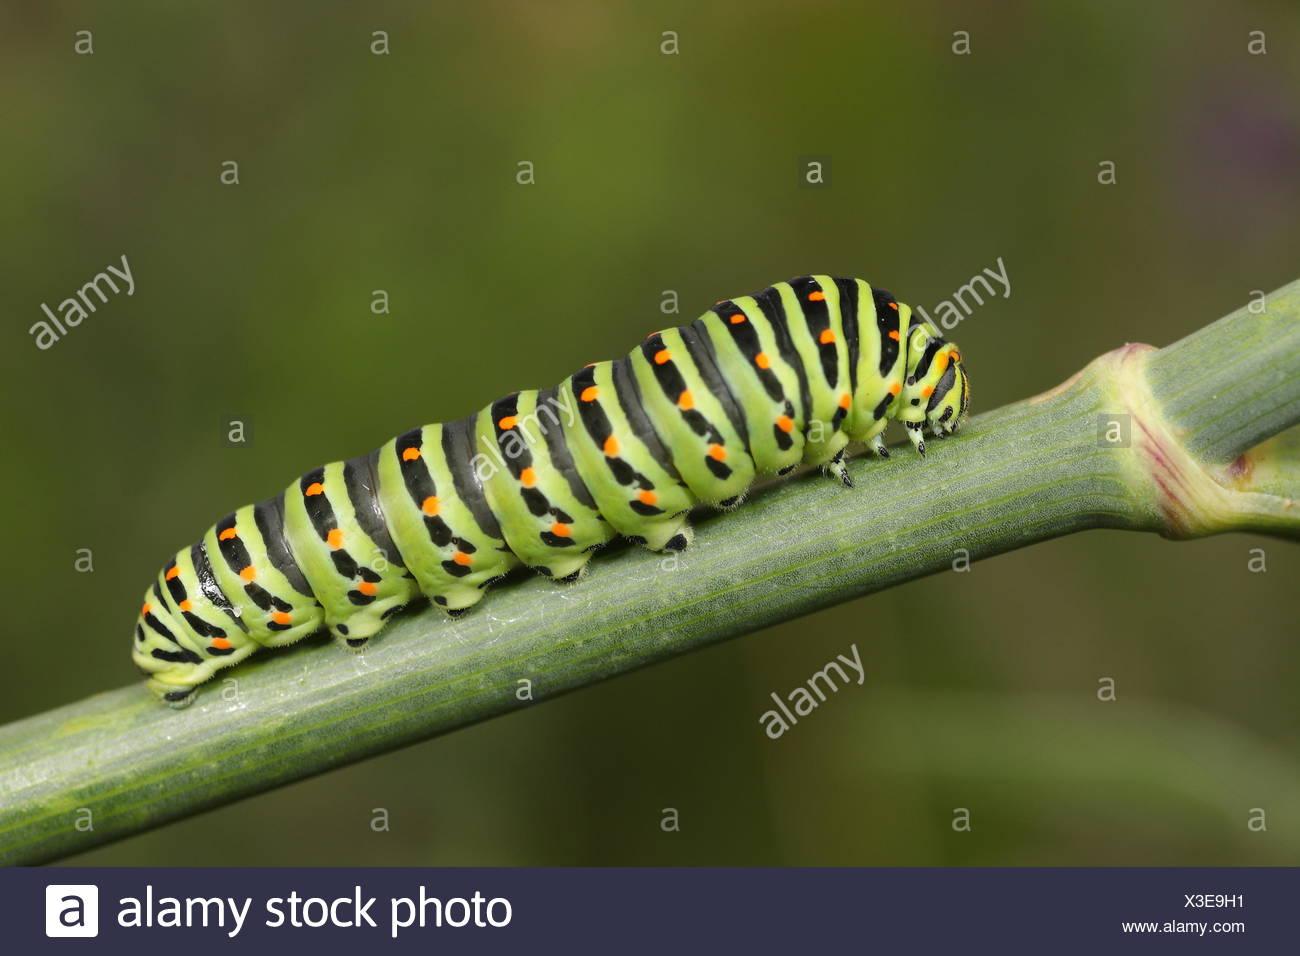 Schmetterling Raupe Streifen Stockfoto